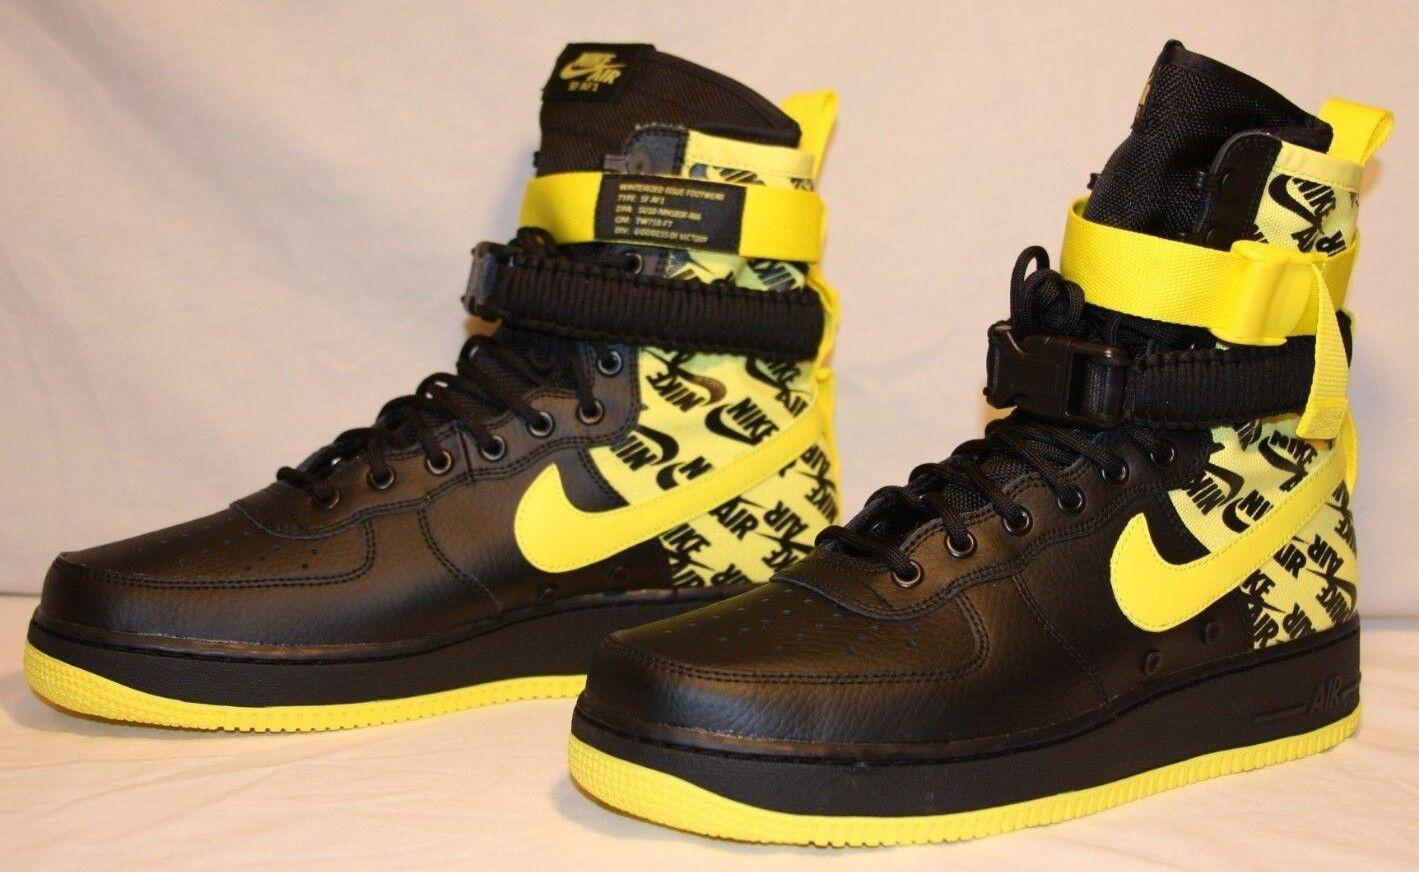 Nike SF AF1 Air Force One High Dynamic Yellow Black Size 11 AR1955-001